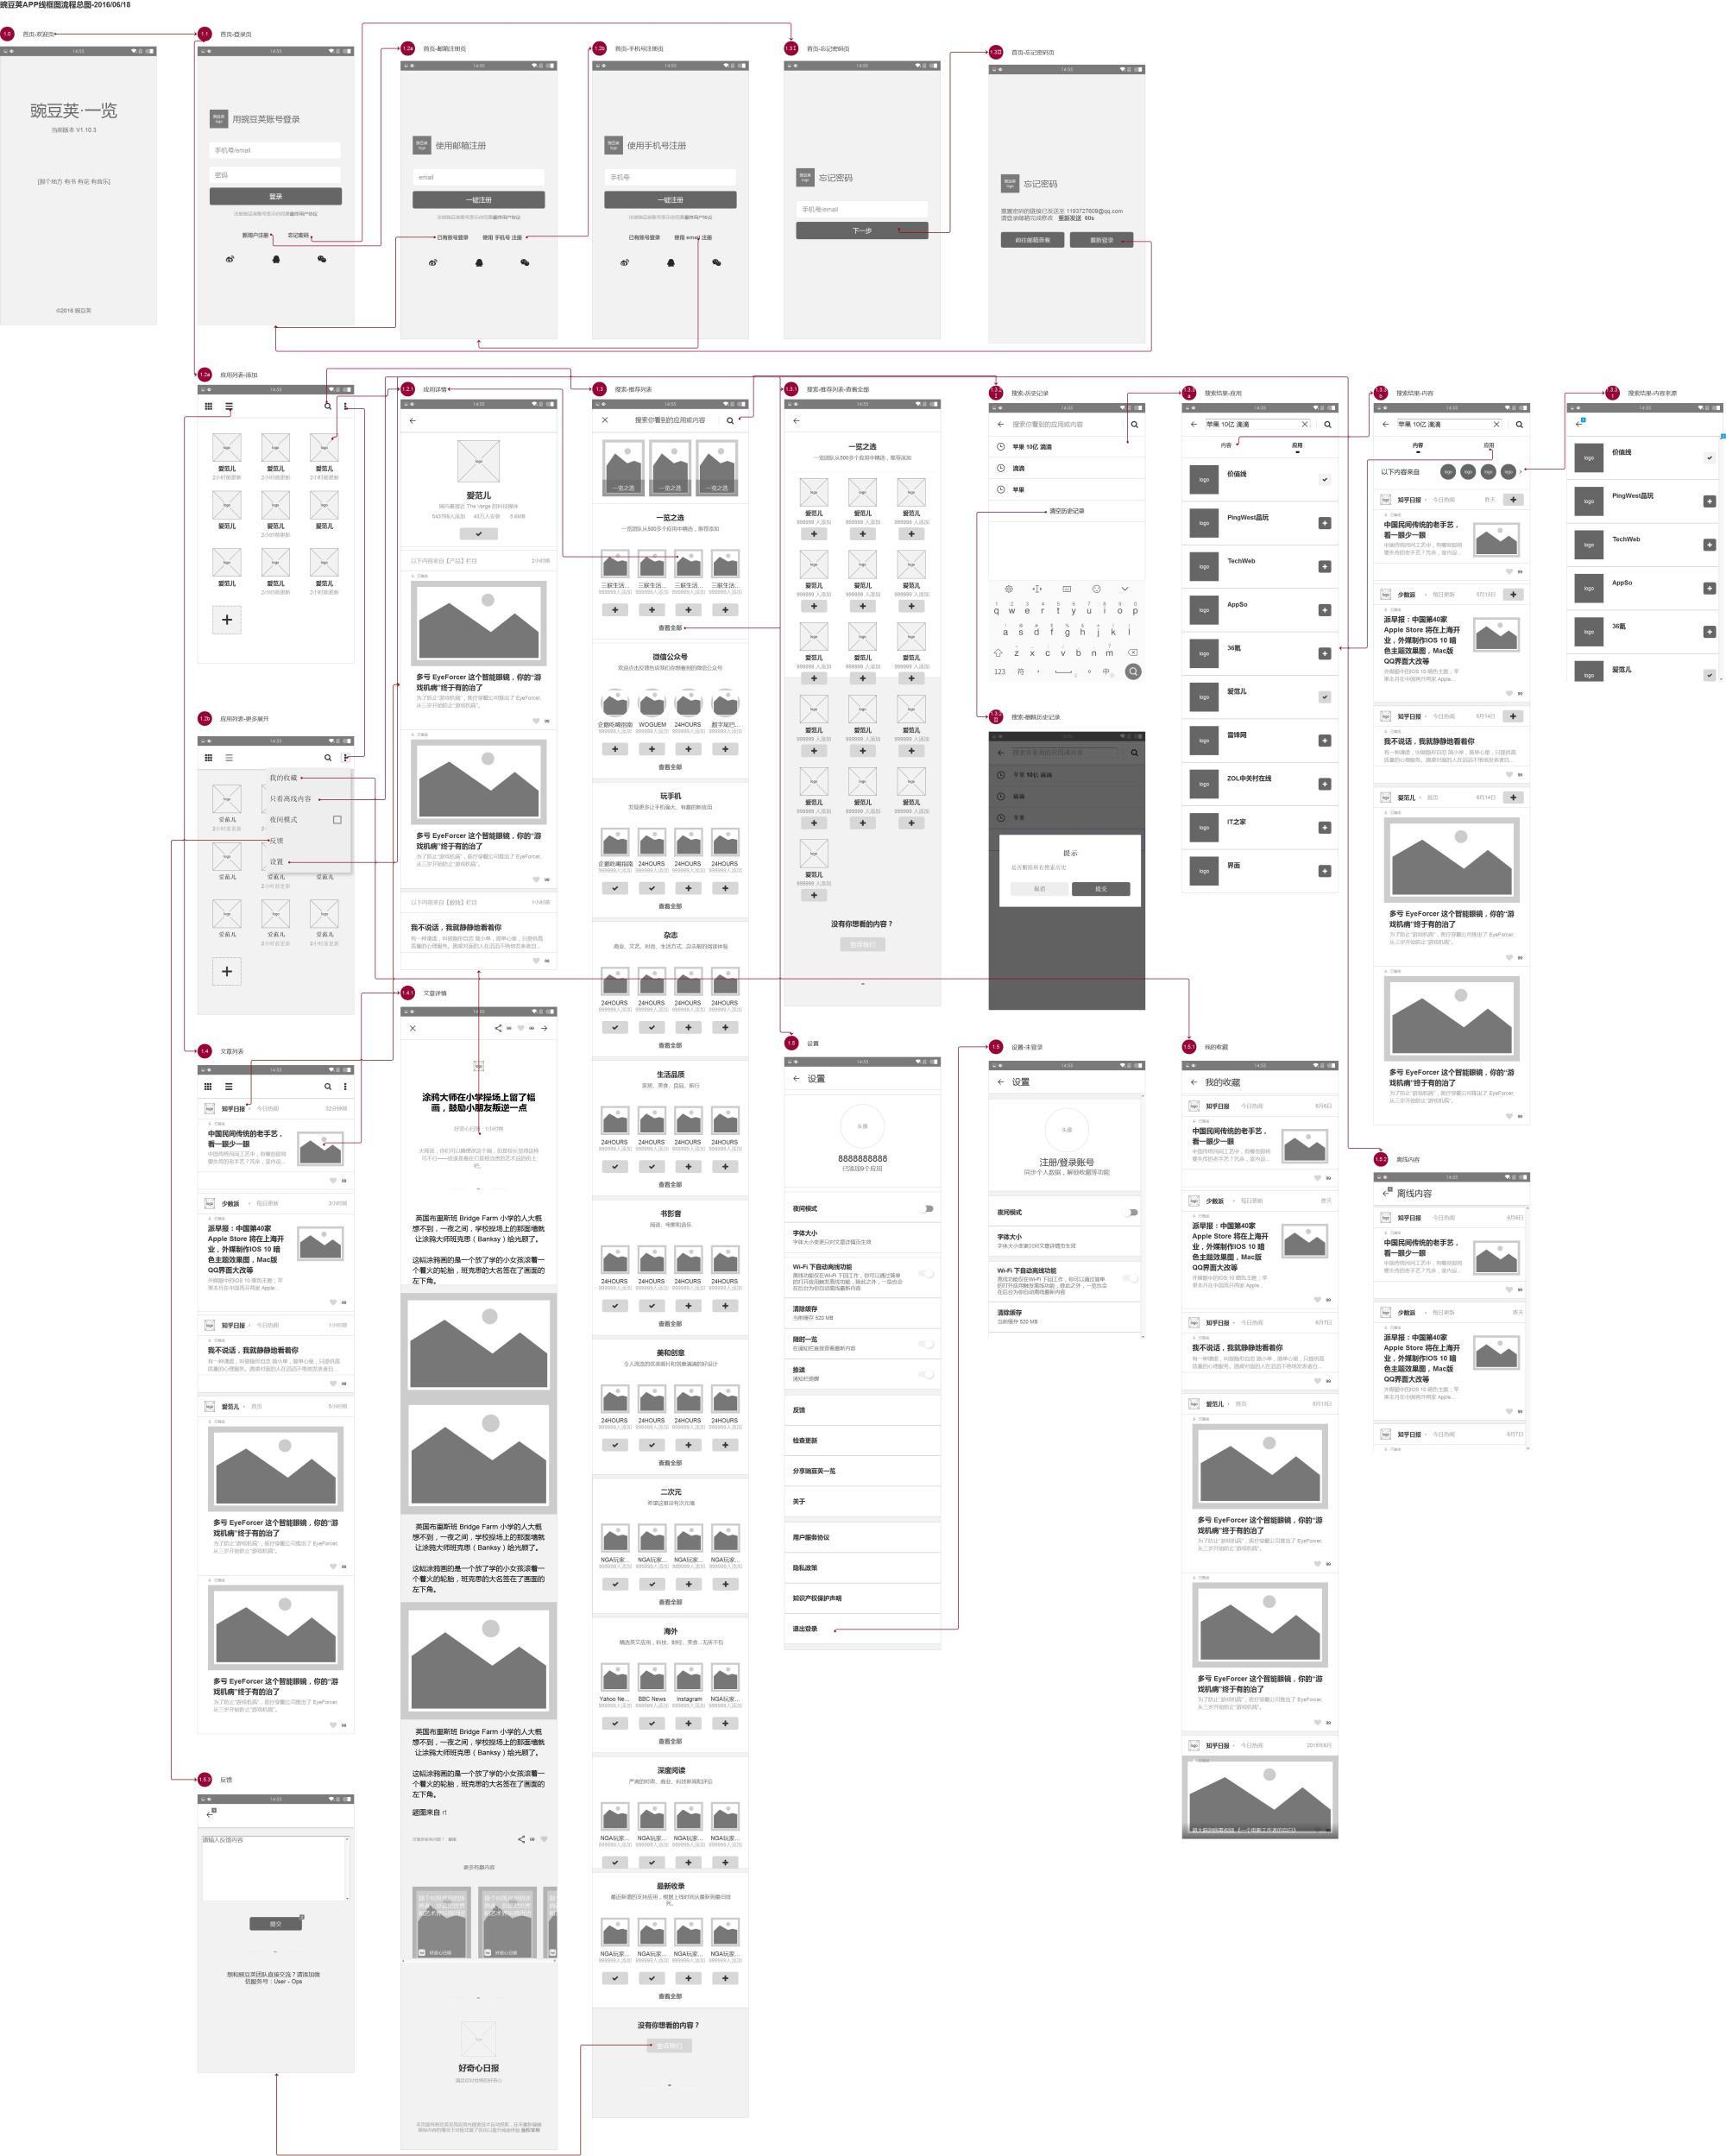 豌豆荚一览信息流程图